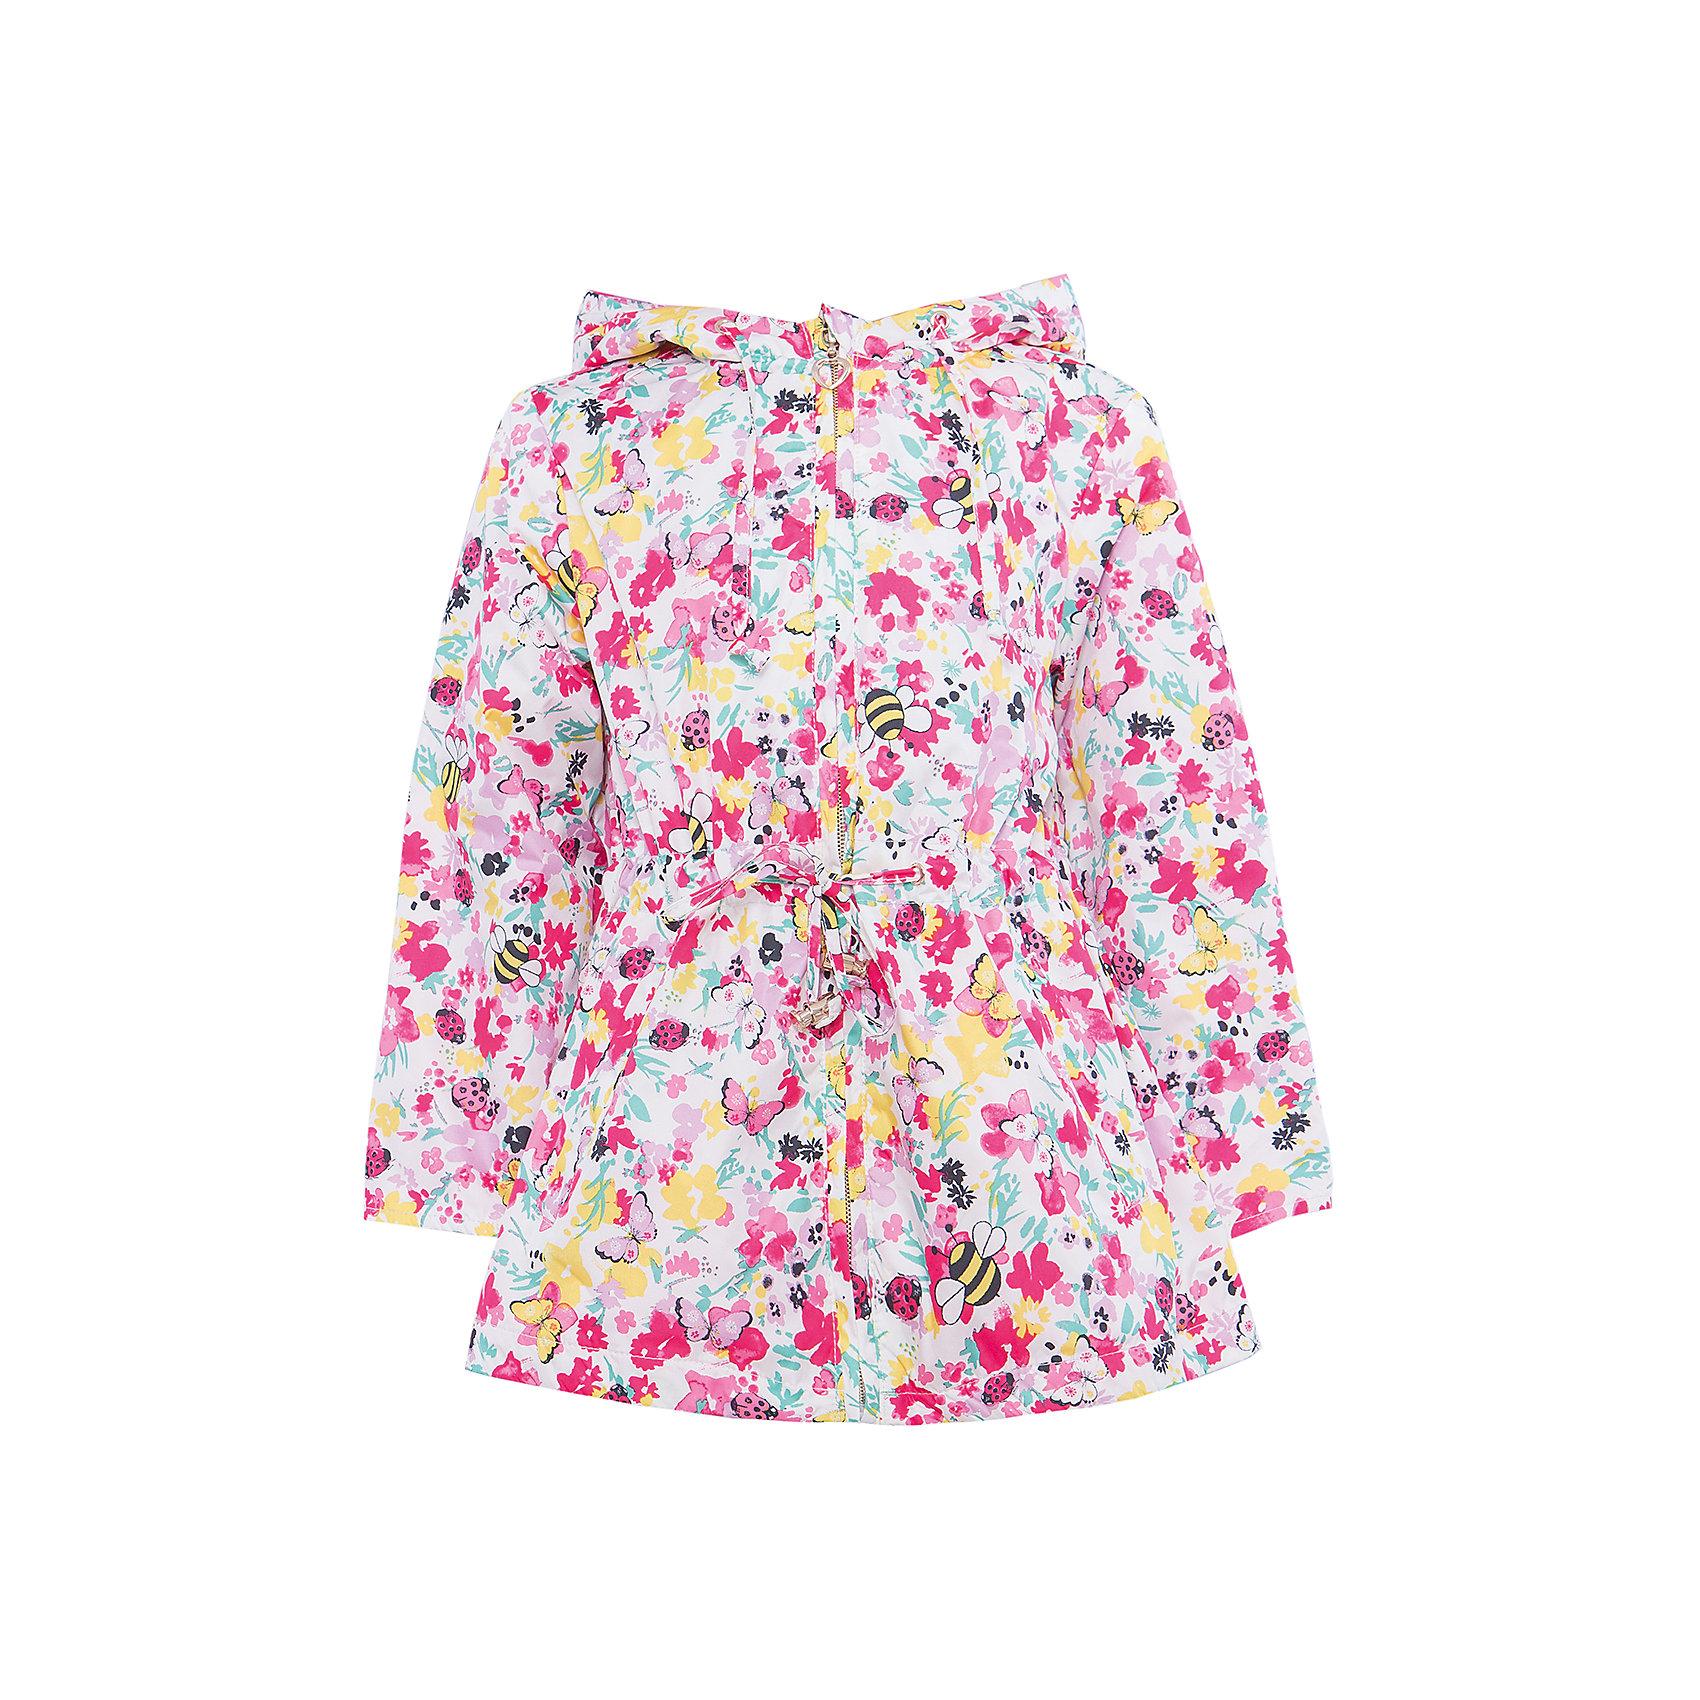 Плащ для девочки SELAВерхняя одежда<br>Характеристики товара:<br><br>• цвет: розовый принт<br>• состав: 100% полиэстер; подкладка: 65% хлопок, 35% полиэстер<br>• температурный режим: от +10°до +20°С<br>• сезон: лето-весна<br>• модель прямого кроя с кулиской<br>• молния<br>• принт<br>• капюшон со шнурком, не отстёгивается<br>• два кармана<br>• коллекция весна-лето 2017<br>• страна бренда: Российская Федерация<br>• страна изготовитель: Китай<br><br>Вещи из новой коллекции SELA продолжают радовать удобством! Легкий плащ для девочки поможет разнообразить гардероб ребенка и обеспечить комфорт. Он отлично сочетается с юбками и брюками. Очень стильно смотрится!<br><br>Одежда, обувь и аксессуары от российского бренда SELA не зря пользуются большой популярностью у детей и взрослых! Модели этой марки - стильные и удобные, цена при этом неизменно остается доступной. Для их производства используются только безопасные, качественные материалы и фурнитура. Новая коллекция поддерживает хорошие традиции бренда! <br><br>Плащ для девочки от популярного бренда SELA (СЕЛА) можно купить в нашем интернет-магазине.<br><br>Ширина мм: 356<br>Глубина мм: 10<br>Высота мм: 245<br>Вес г: 519<br>Цвет: розовый<br>Возраст от месяцев: 48<br>Возраст до месяцев: 60<br>Пол: Женский<br>Возраст: Детский<br>Размер: 110,116,98,104<br>SKU: 5305188